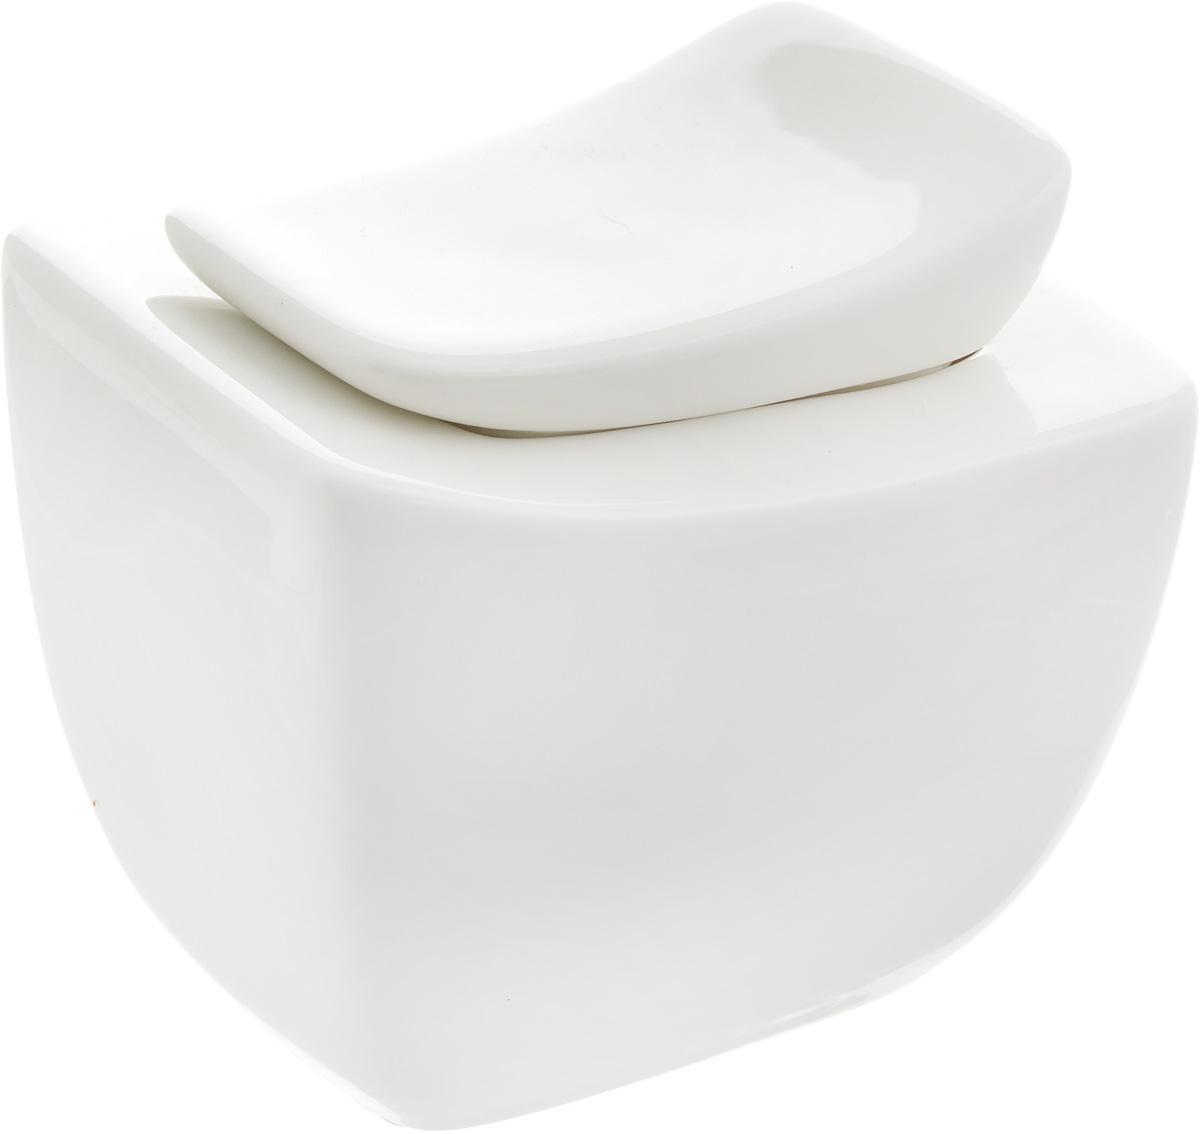 Сахарница Ariane Rectangle, 270 мл115510Сахарница Ariane Rectangle выполнена из высококачественного фарфора с глазурованным покрытием. Изделие имеет элегантную форму и может использоваться в качестве креманки. Десерт, поданный в такой посуде, будет ещё более сладким. Сахарница Ariane Rectangle станет отличным дополнением к сервировке семейного стола и замечательным подарком для ваших родных и друзей.Можно мыть в посудомоечной машине и использовать в микроволновой печи.